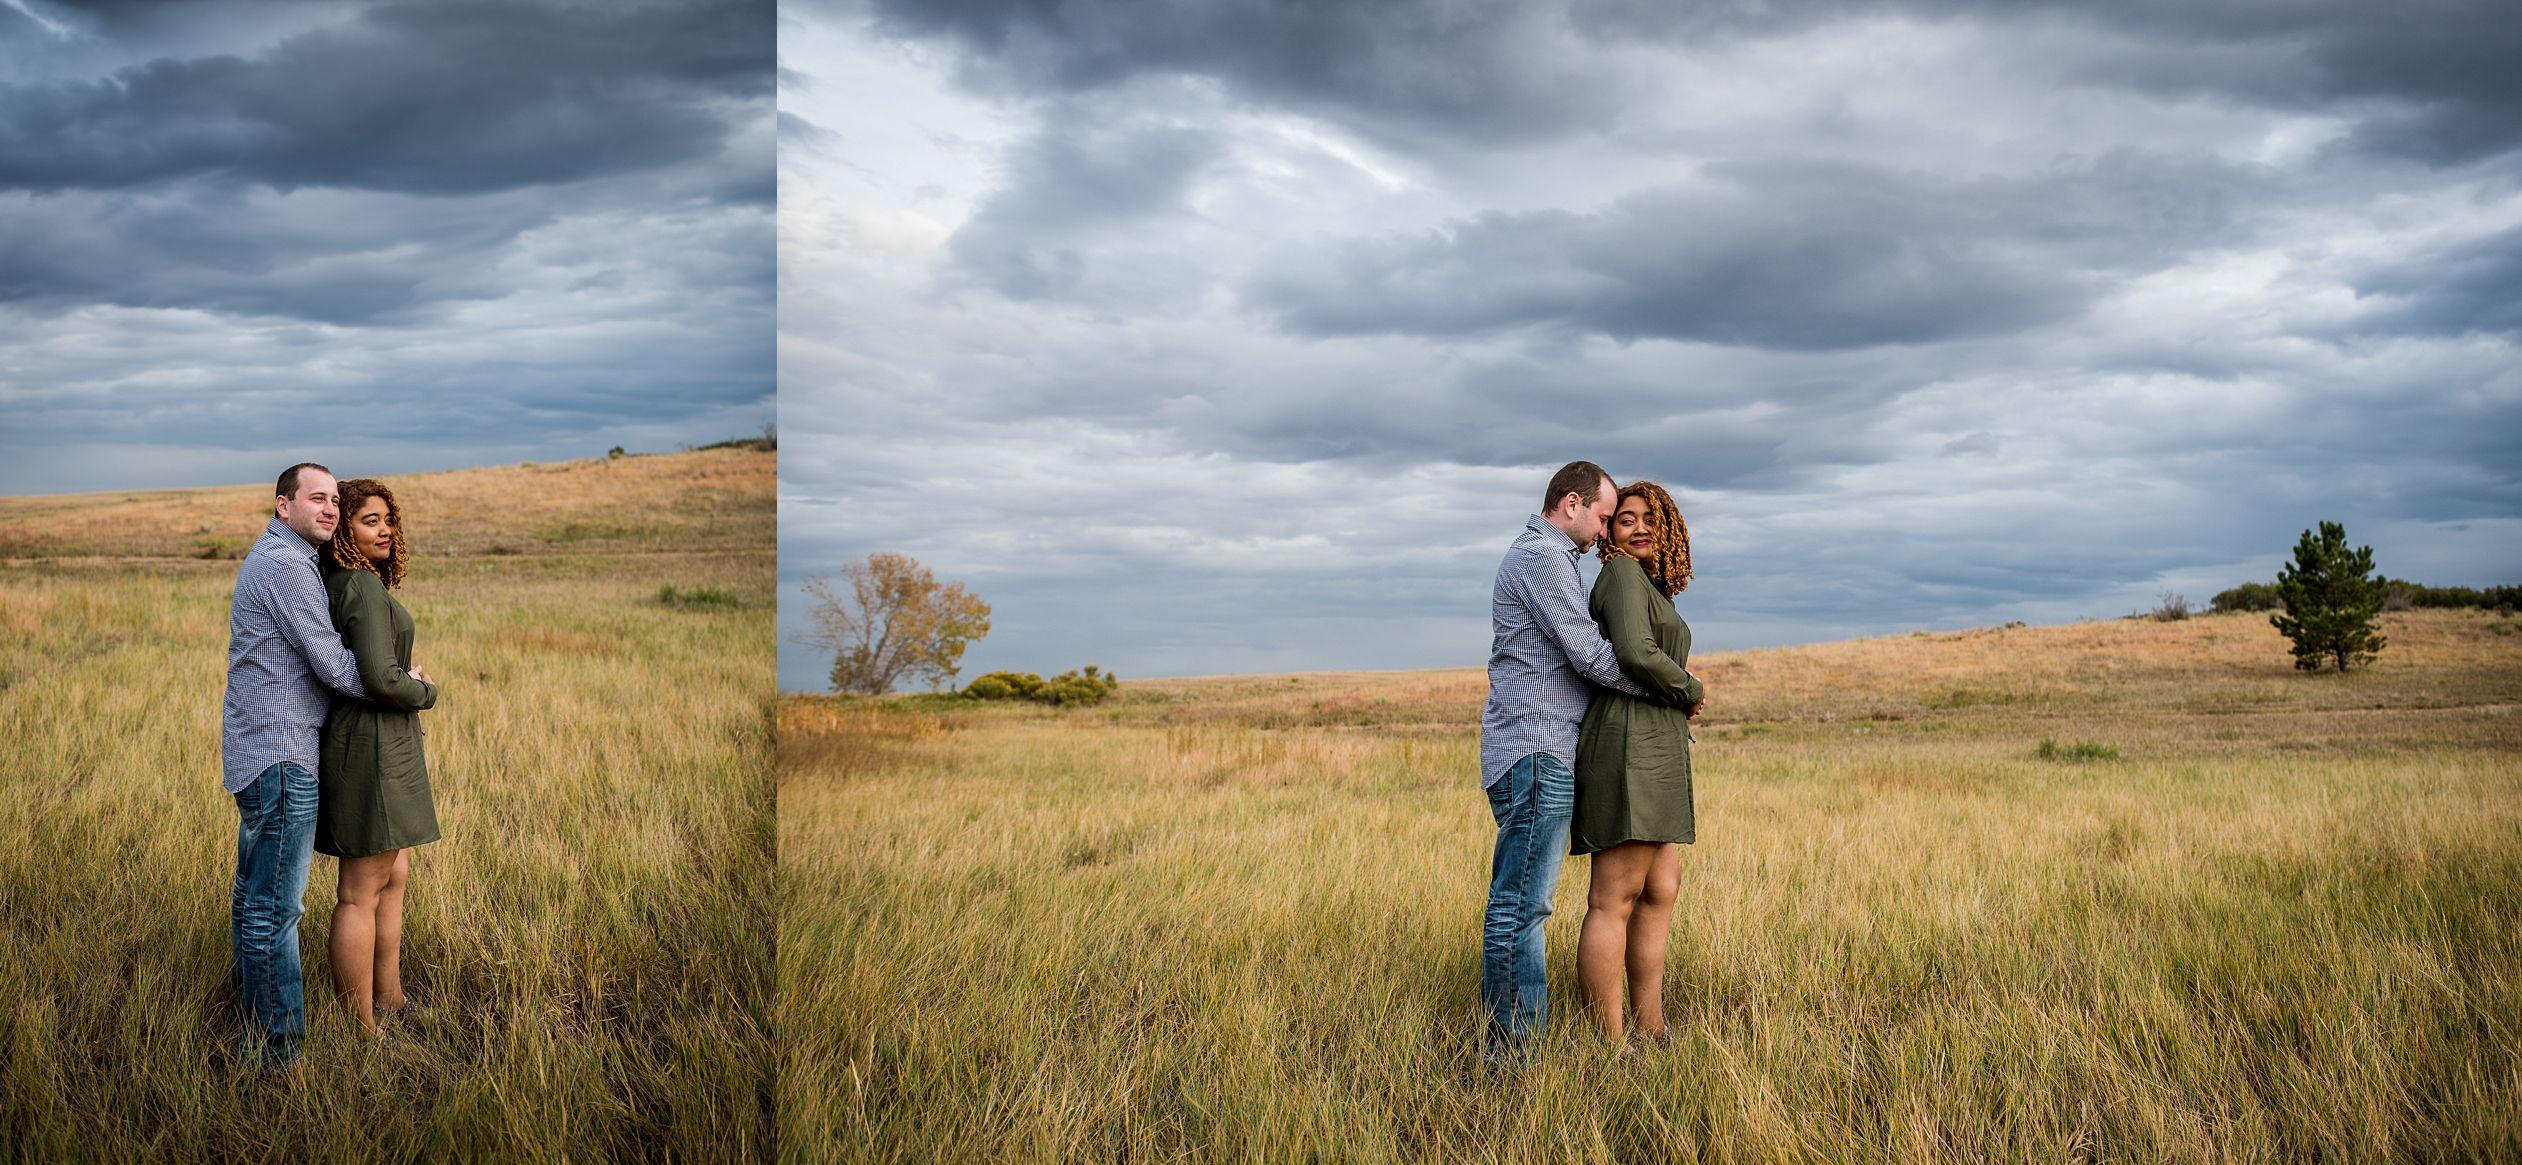 Colorado Engagement Photos, Colorado engagement session